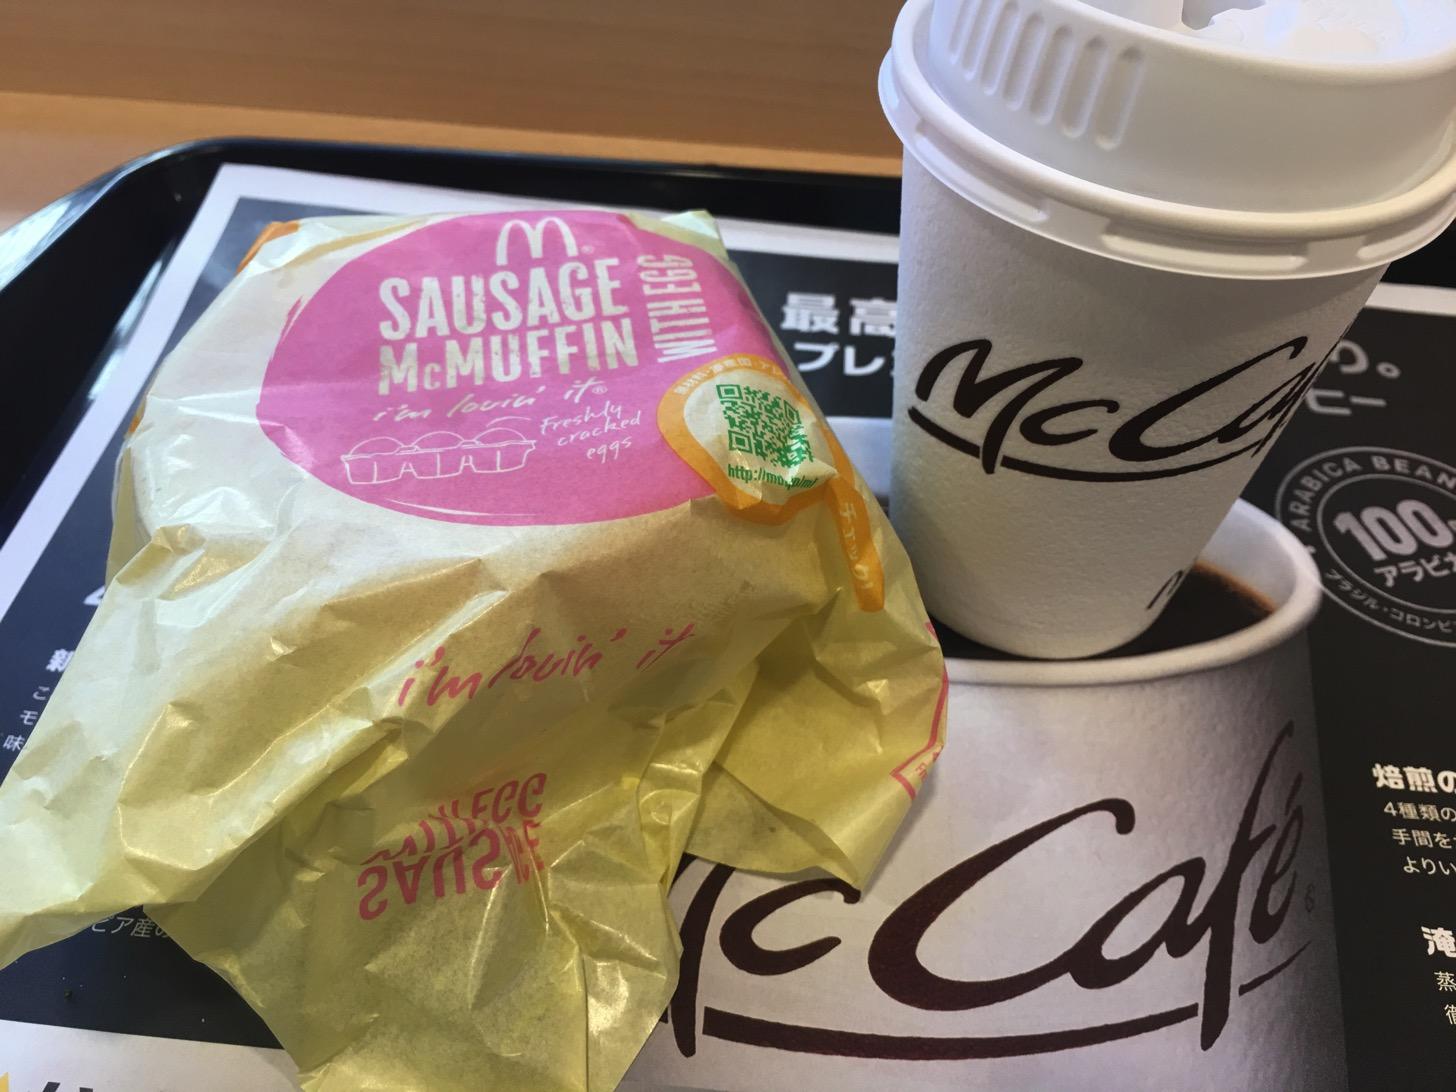 ソーセージエッグマフィンとプレミアムローストコーヒー